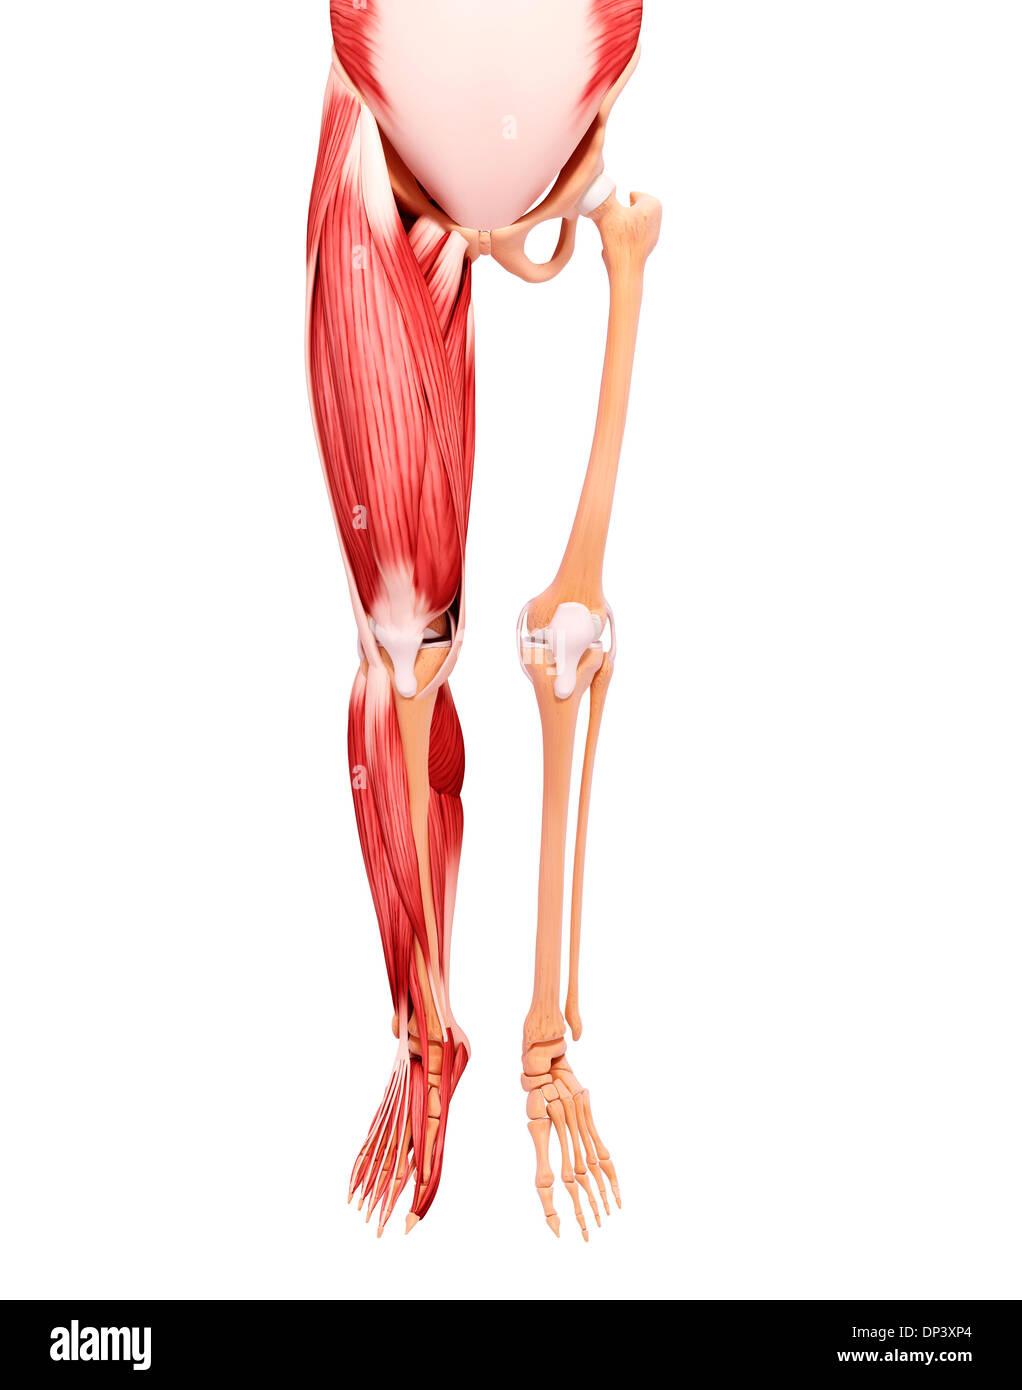 Charmant Anatomie Beinmuskulatur Und Sehnen Ideen - Menschliche ...